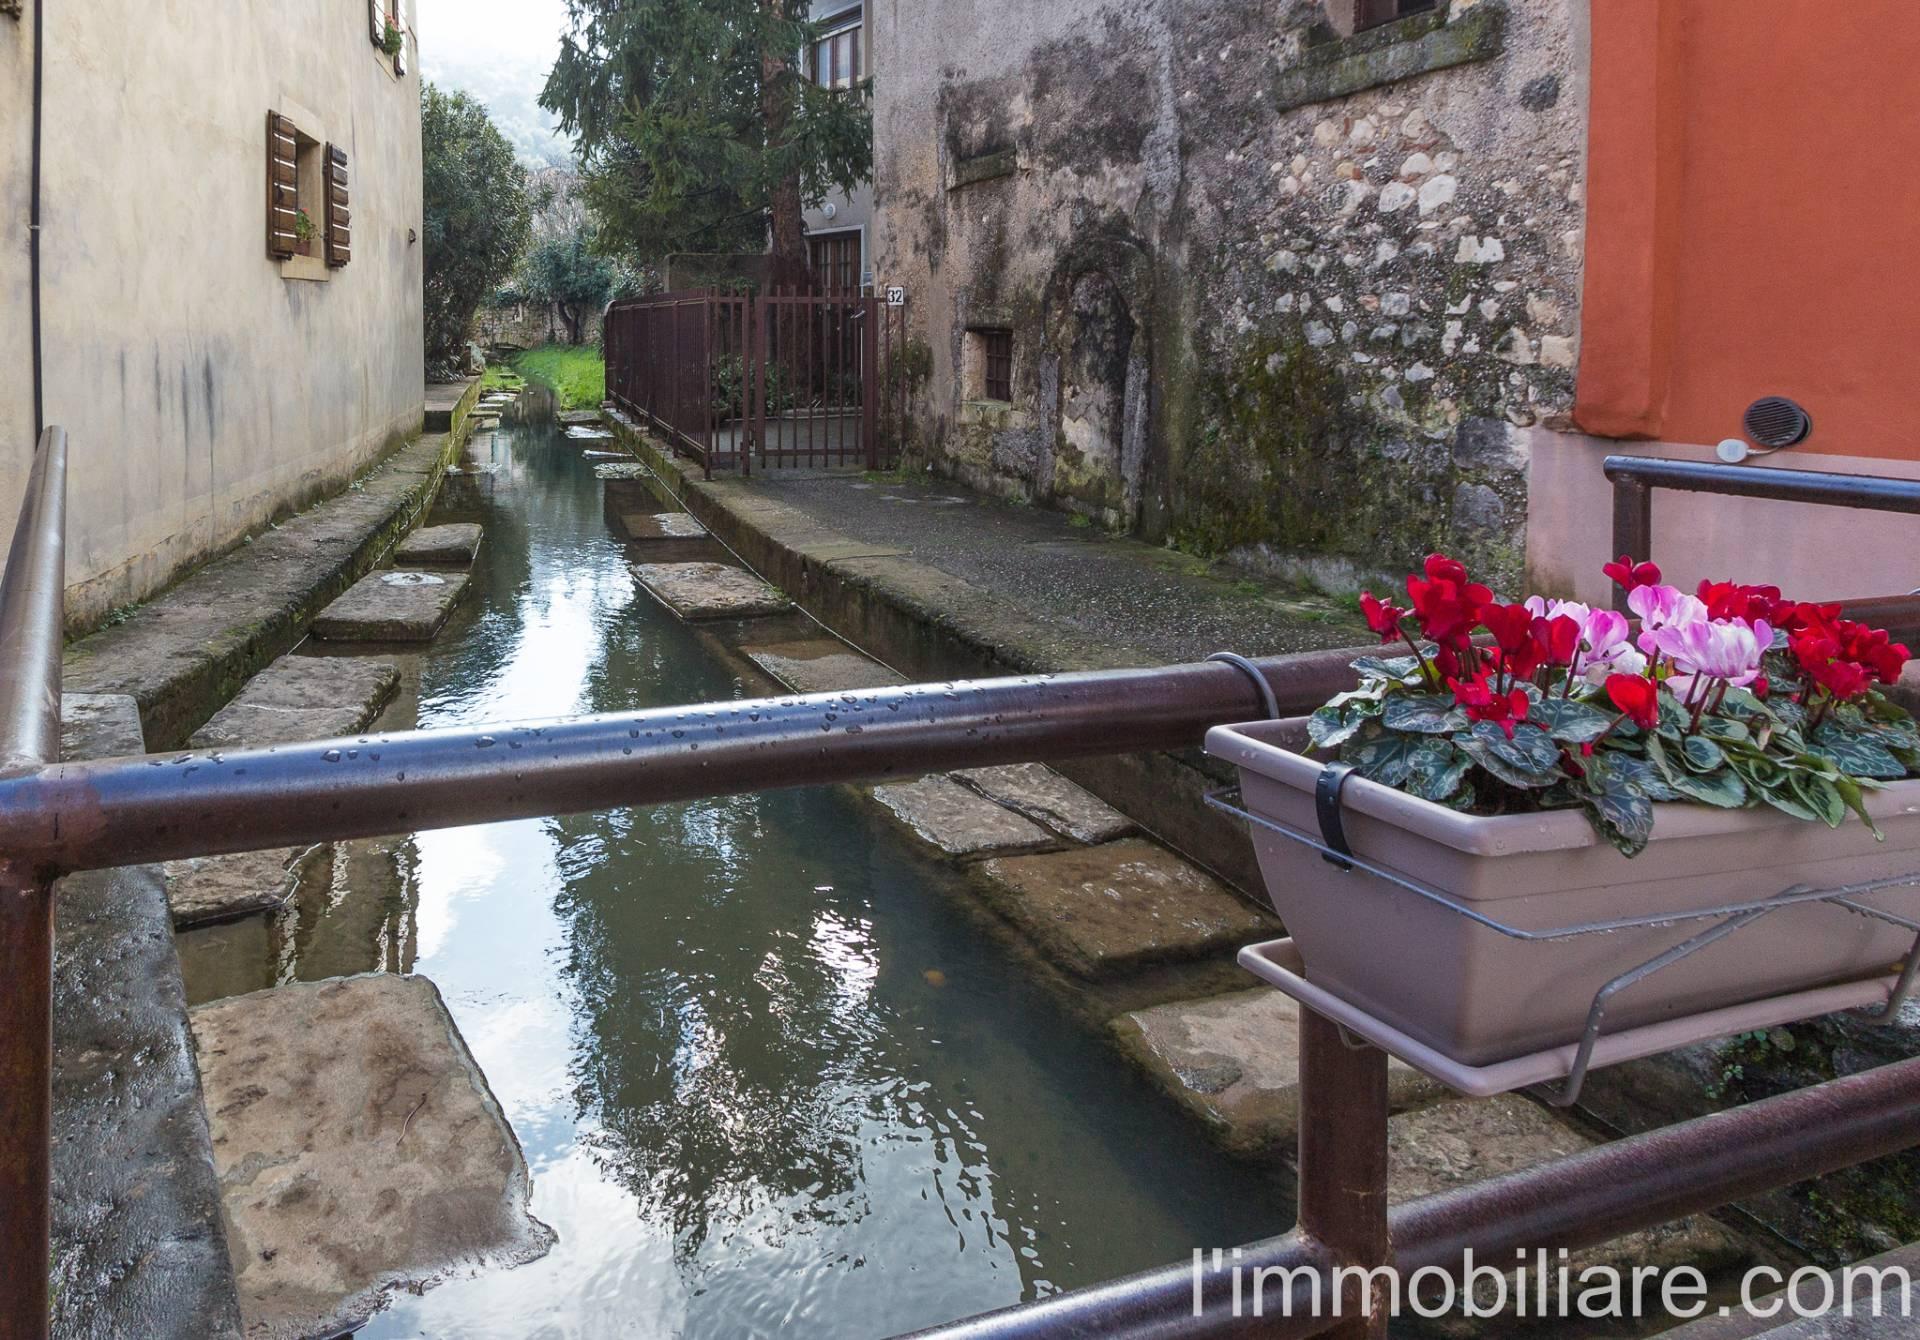 In Vendita Trilocale a Verona